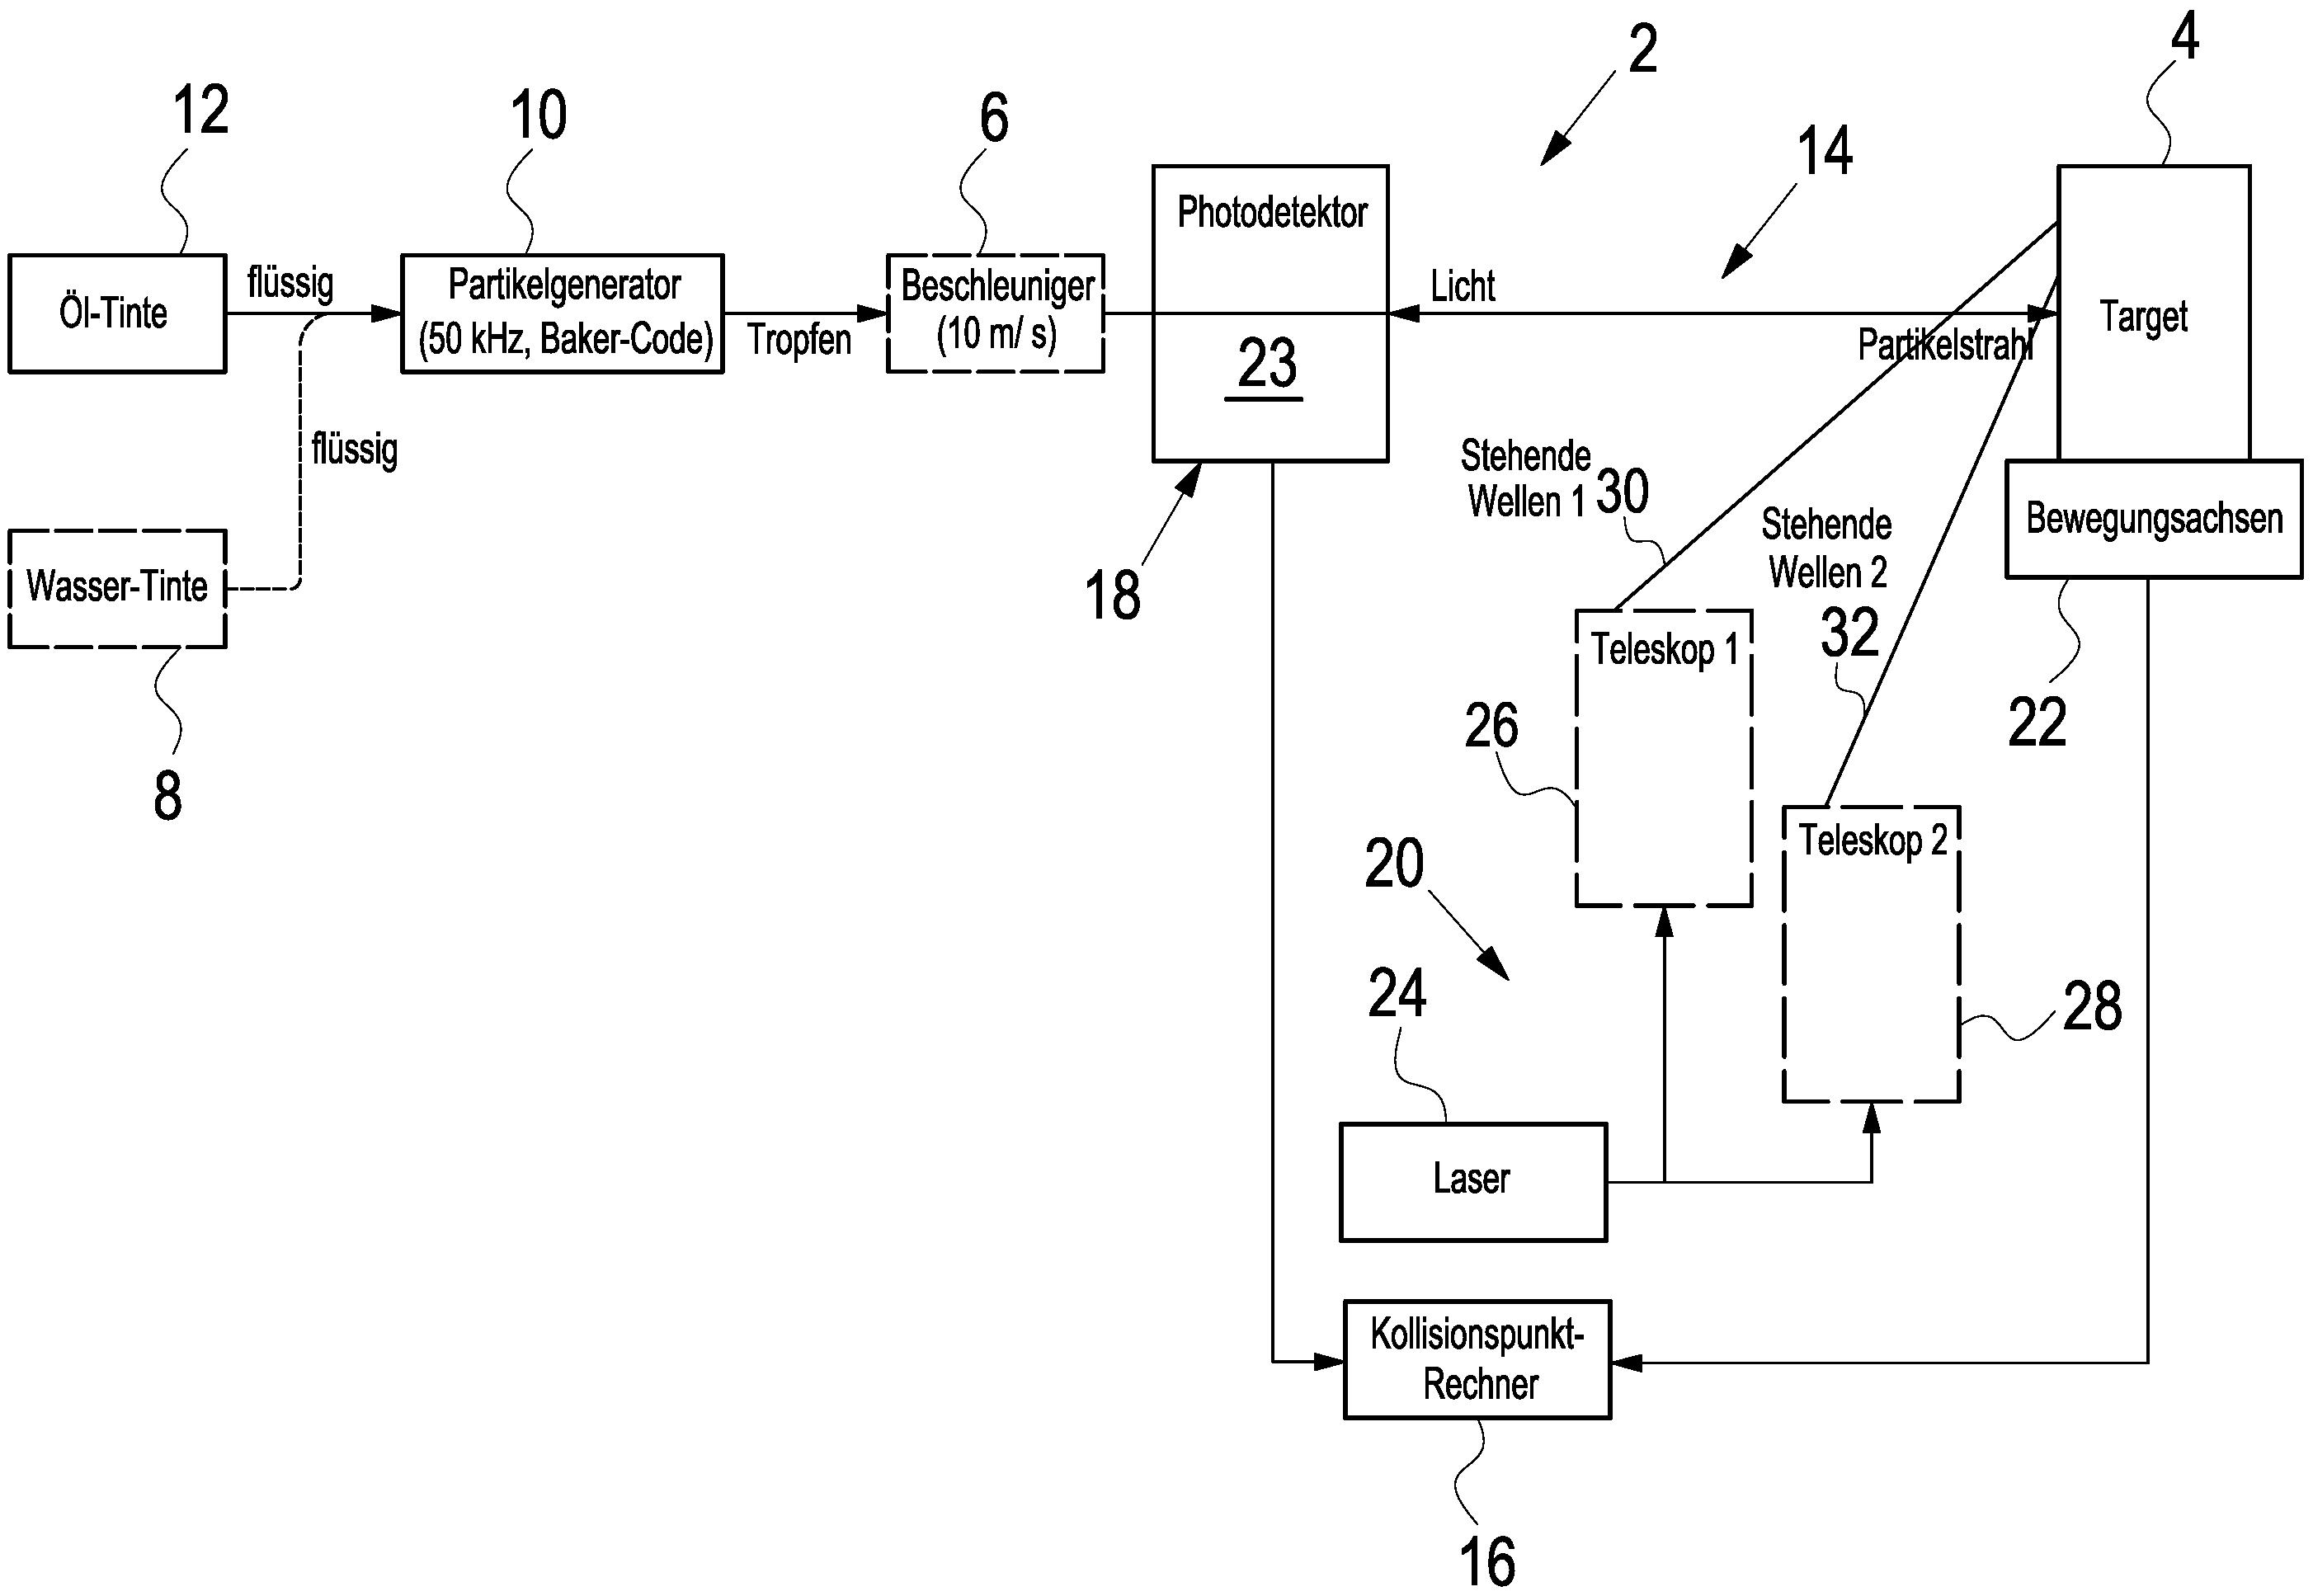 Figure DE202017006886U1_0000